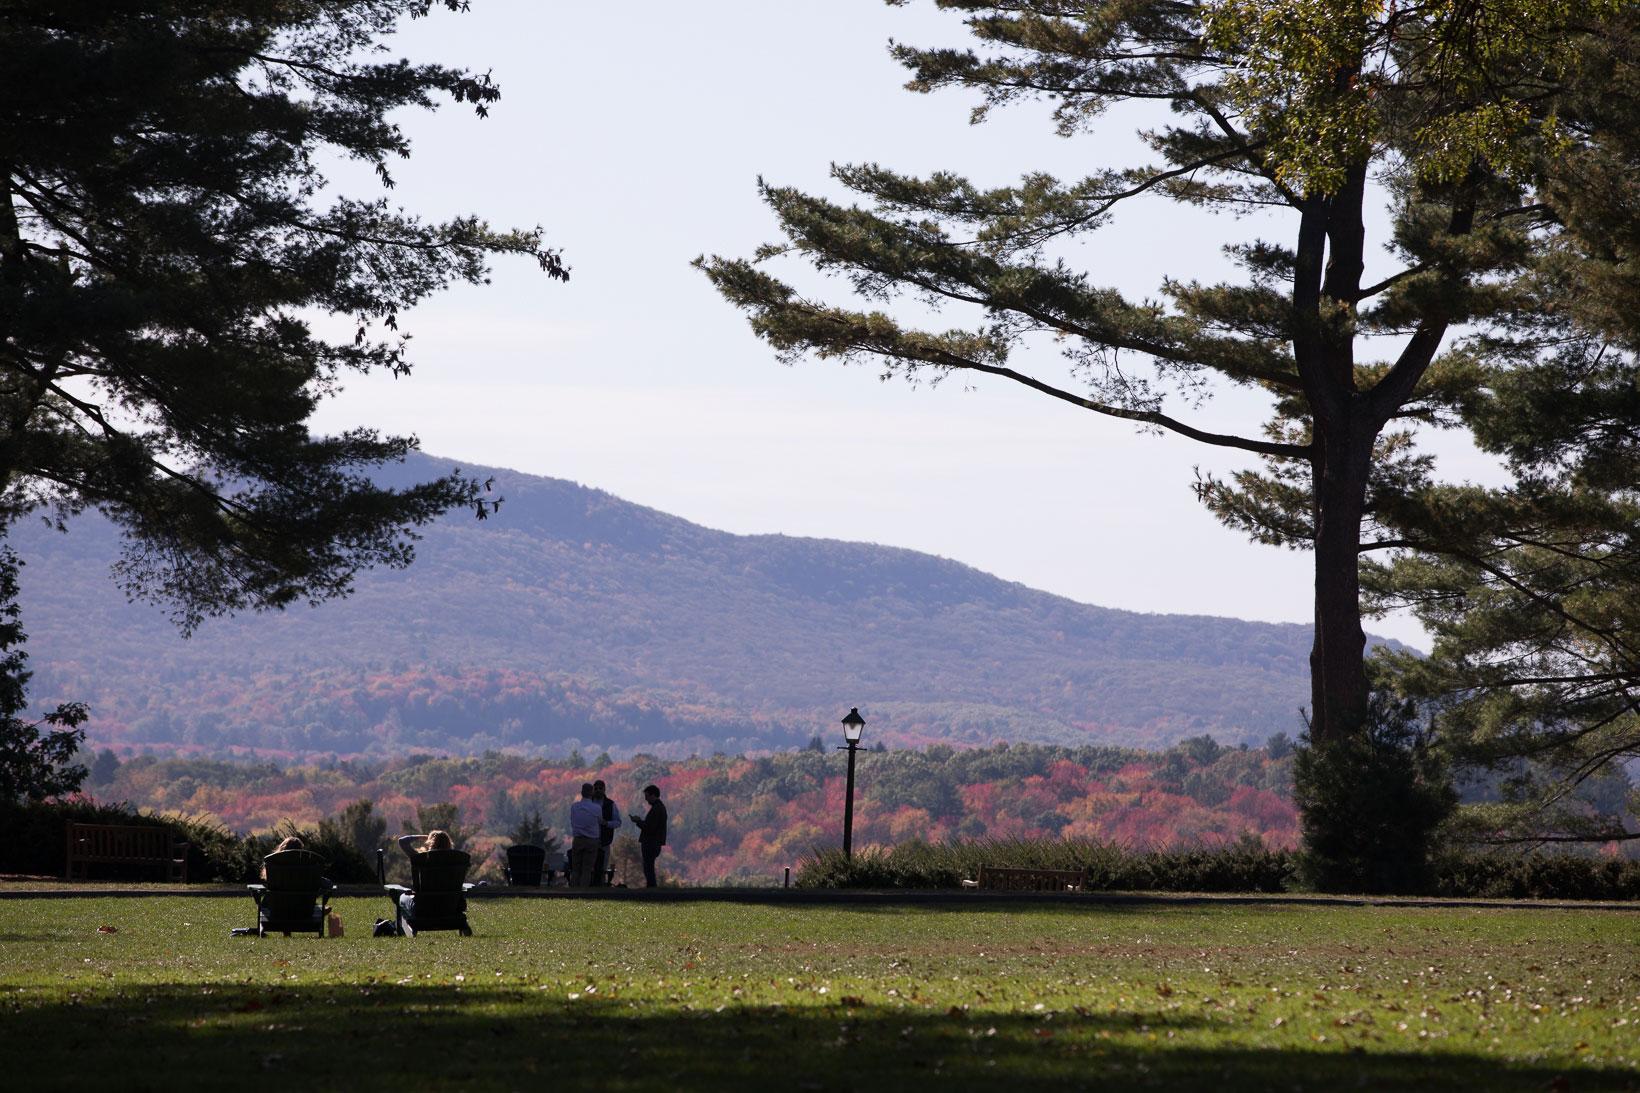 Enjoying the view of the Holyoke Range